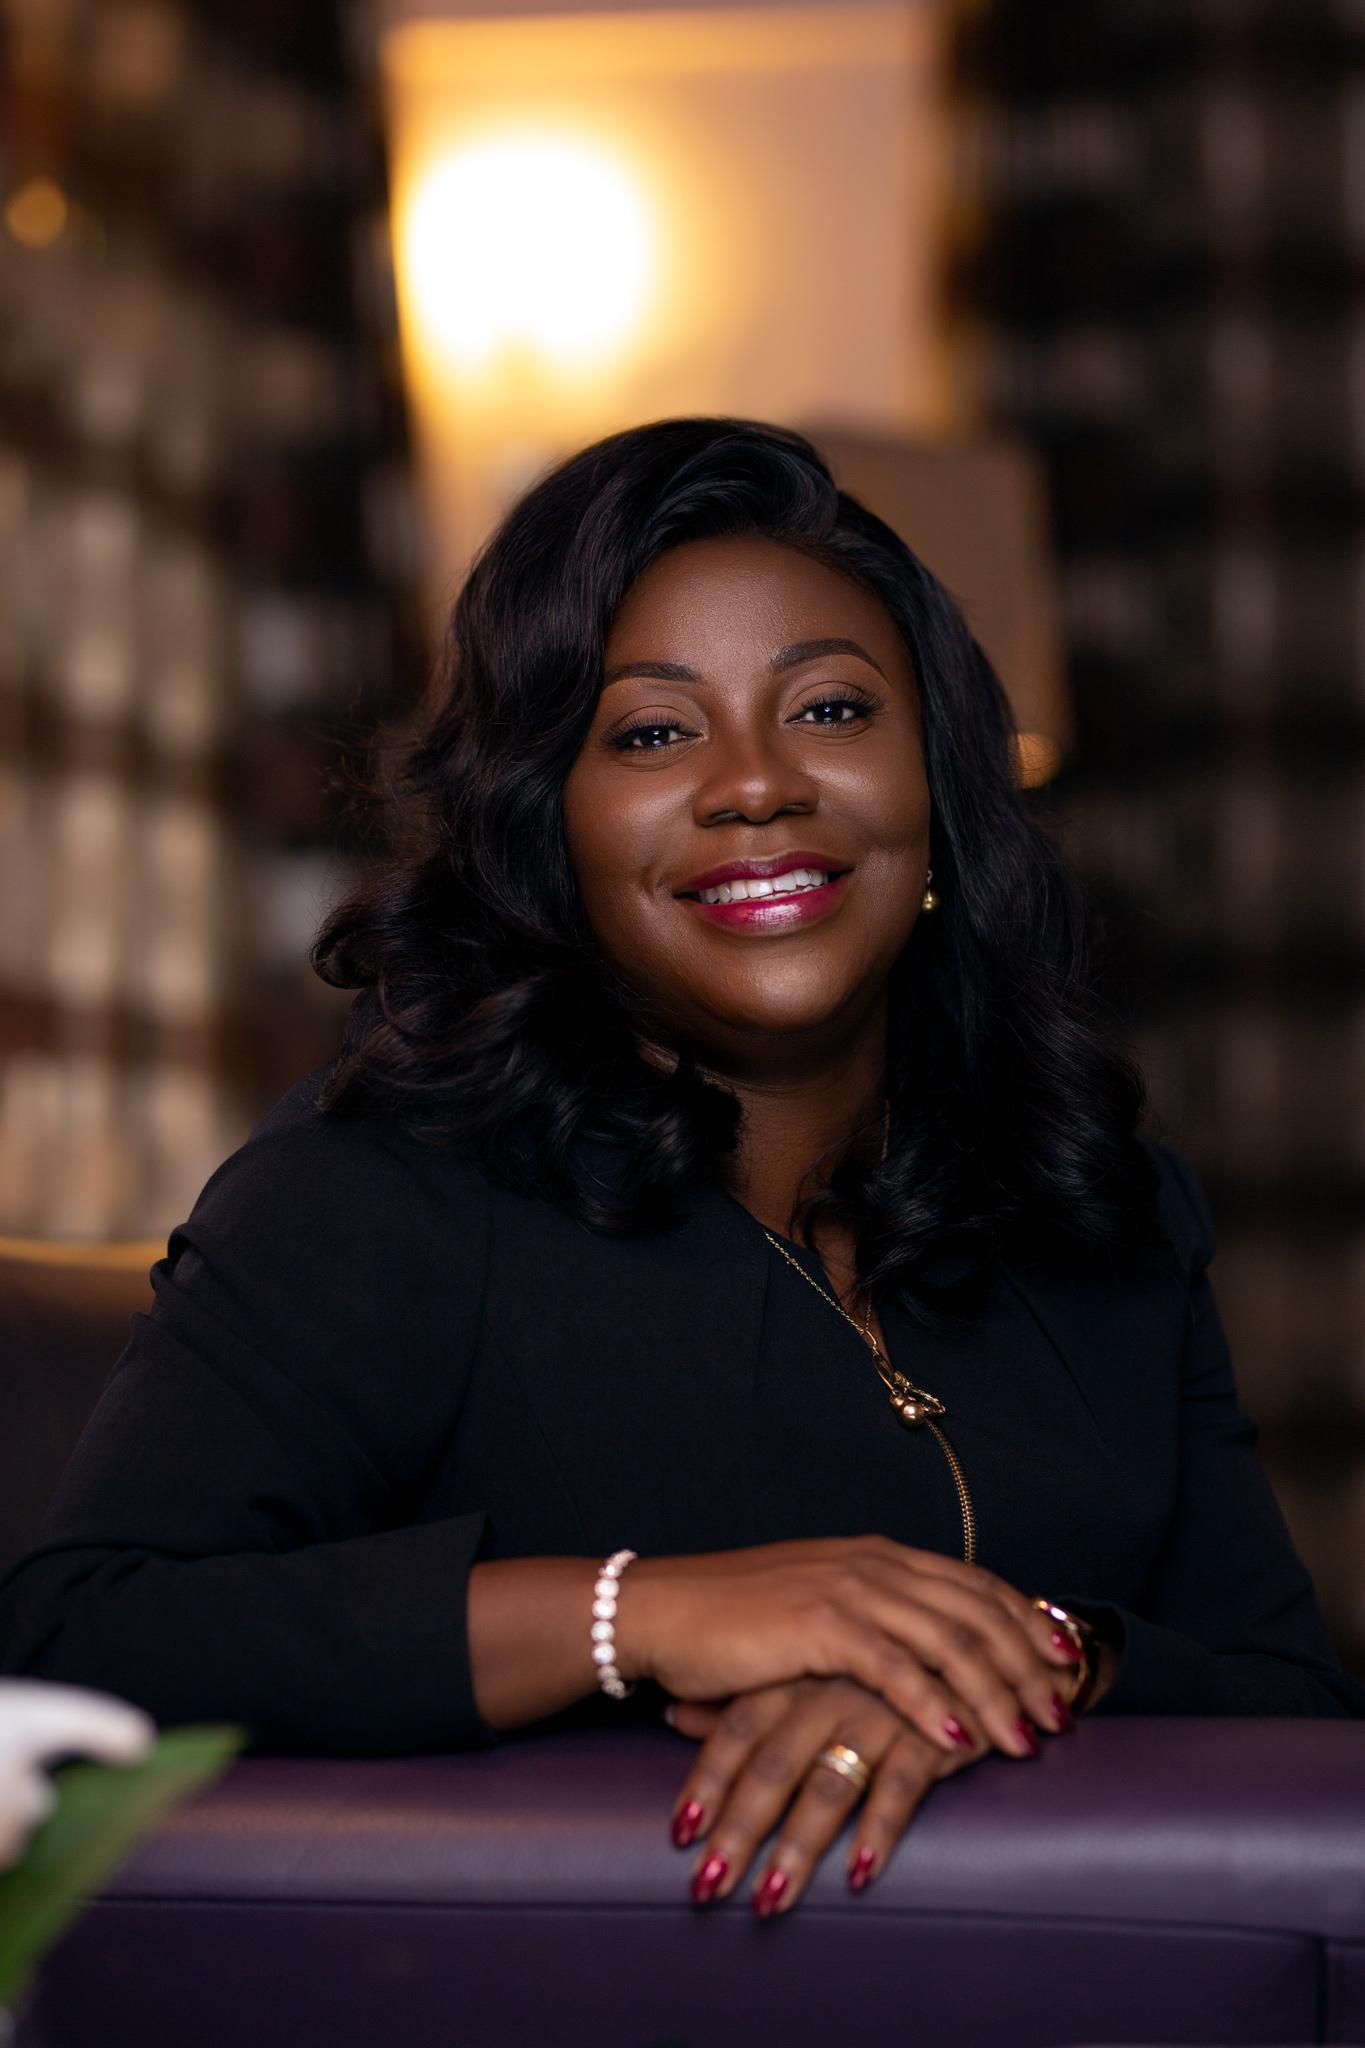 Chief Executive Officer at Vodafone Ghana, Patricia Obo-Nai